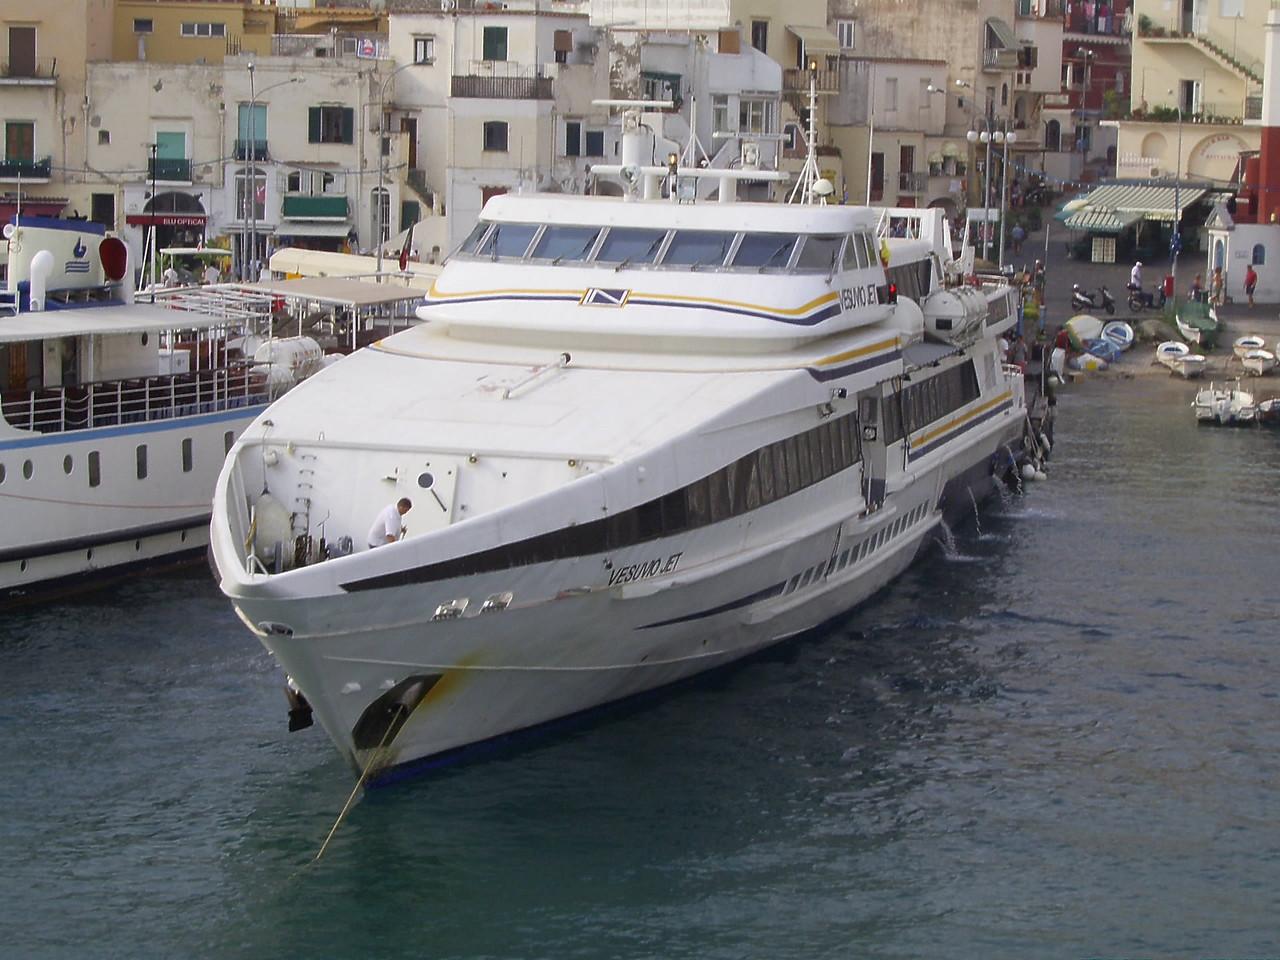 2007 - HSC VESUVIO JET in Capri.